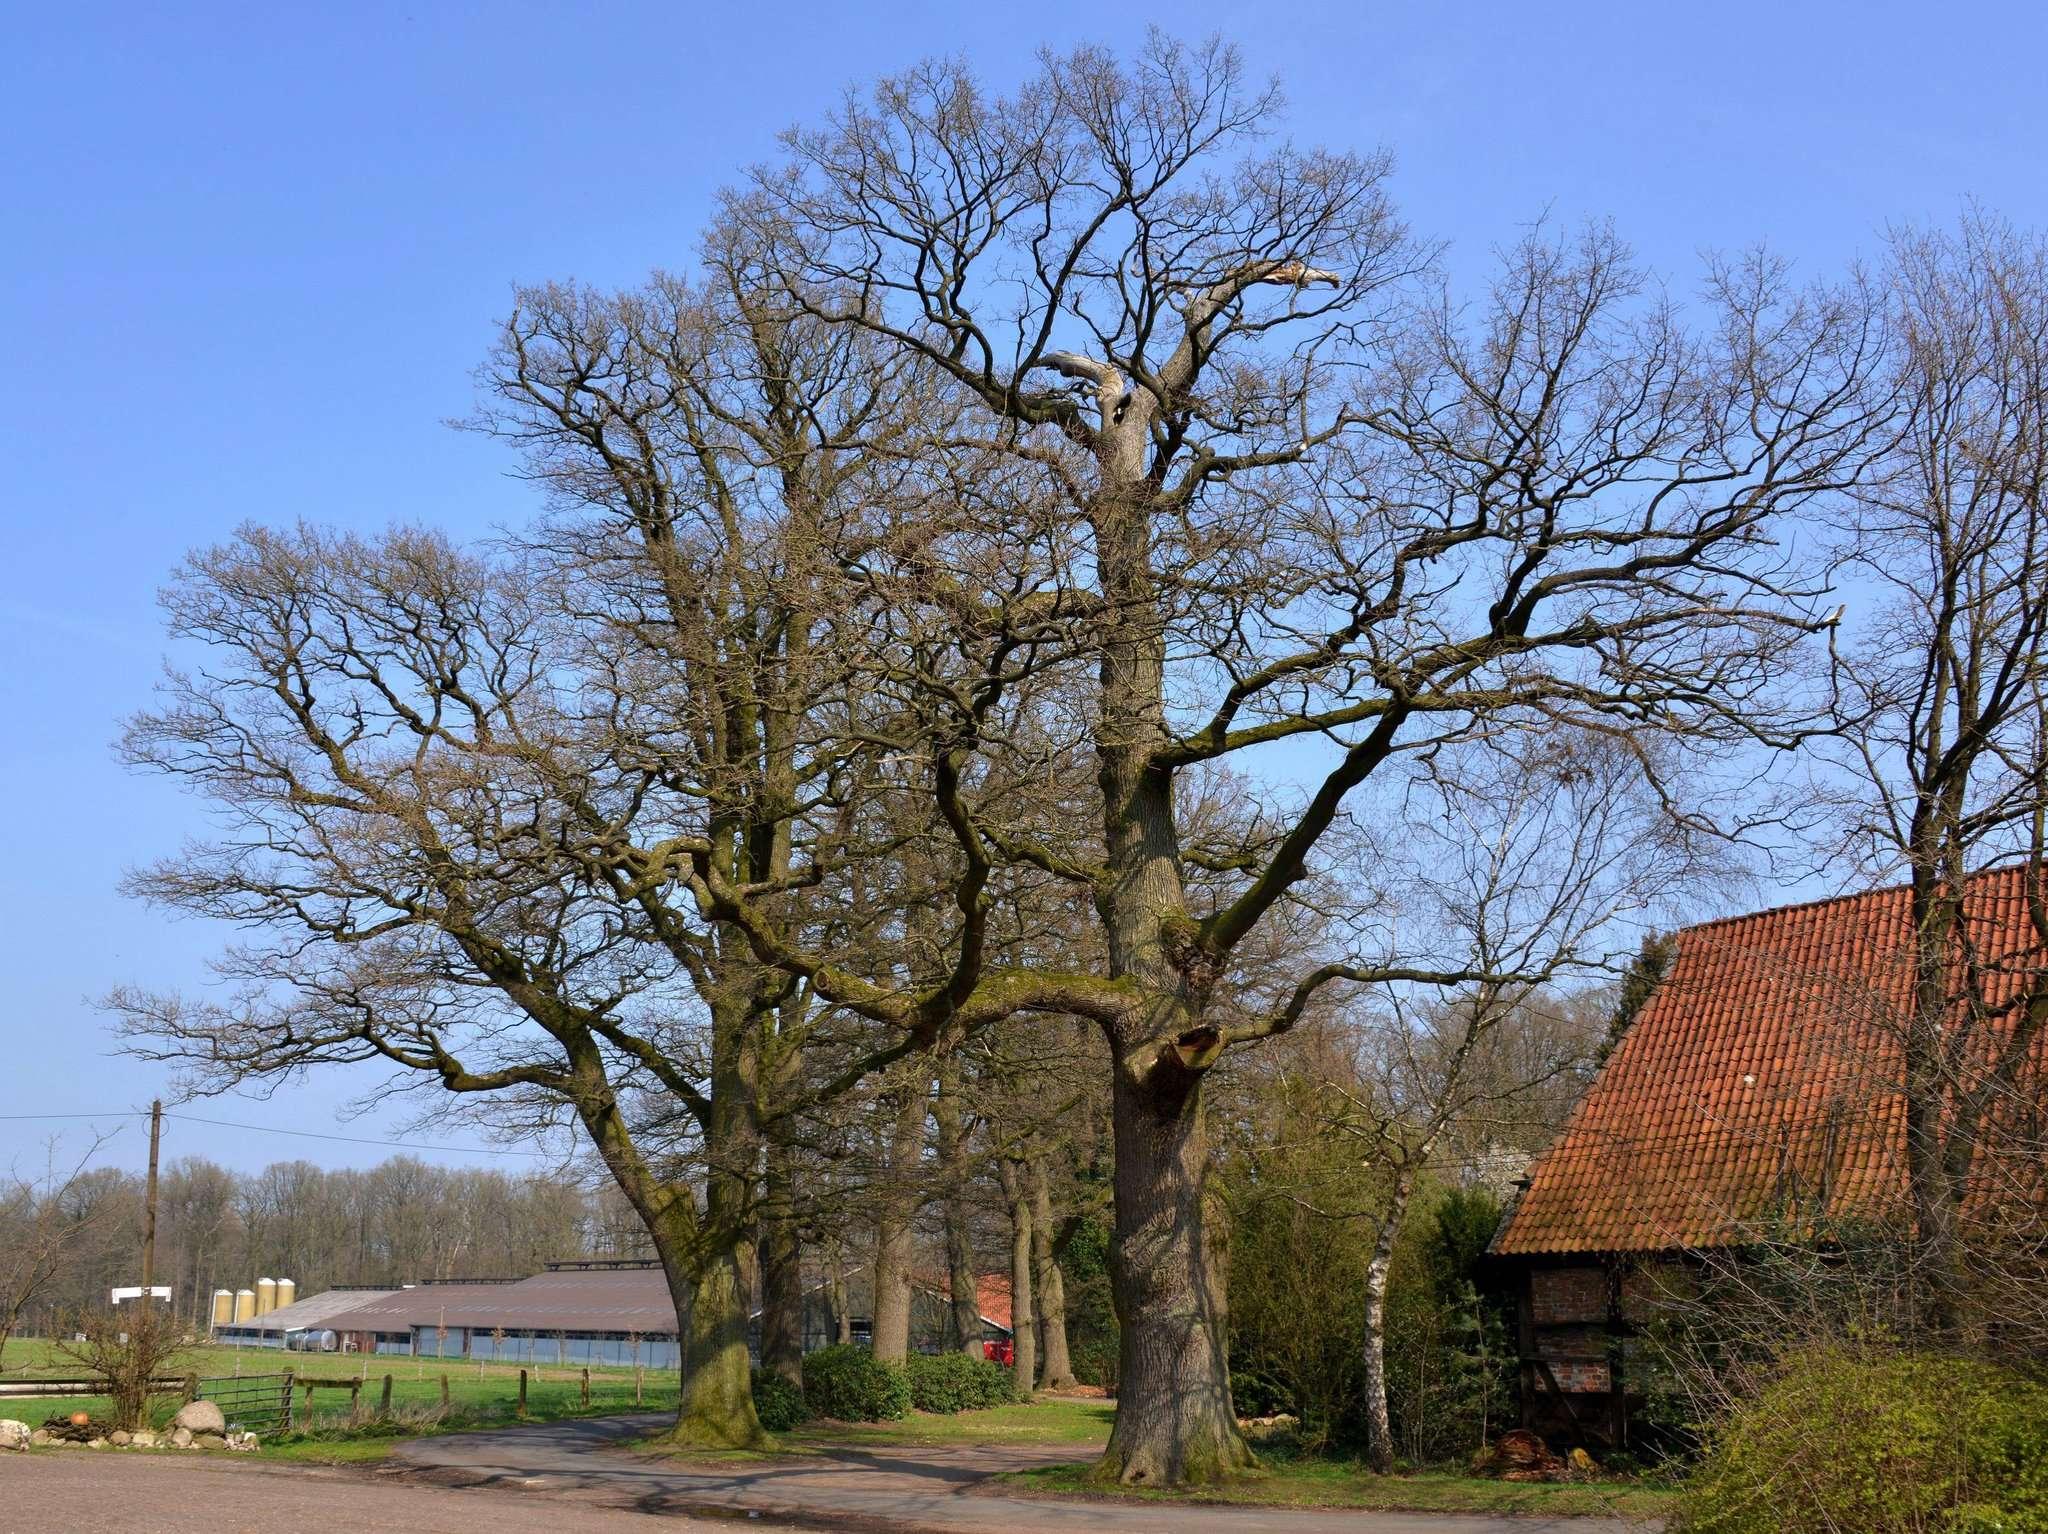 Diese stattliche Eichengruppe am Ortsrand von Riekenbostel ist jetzt als Naturdenkmal eingetragen. Foto: Joachim Looks